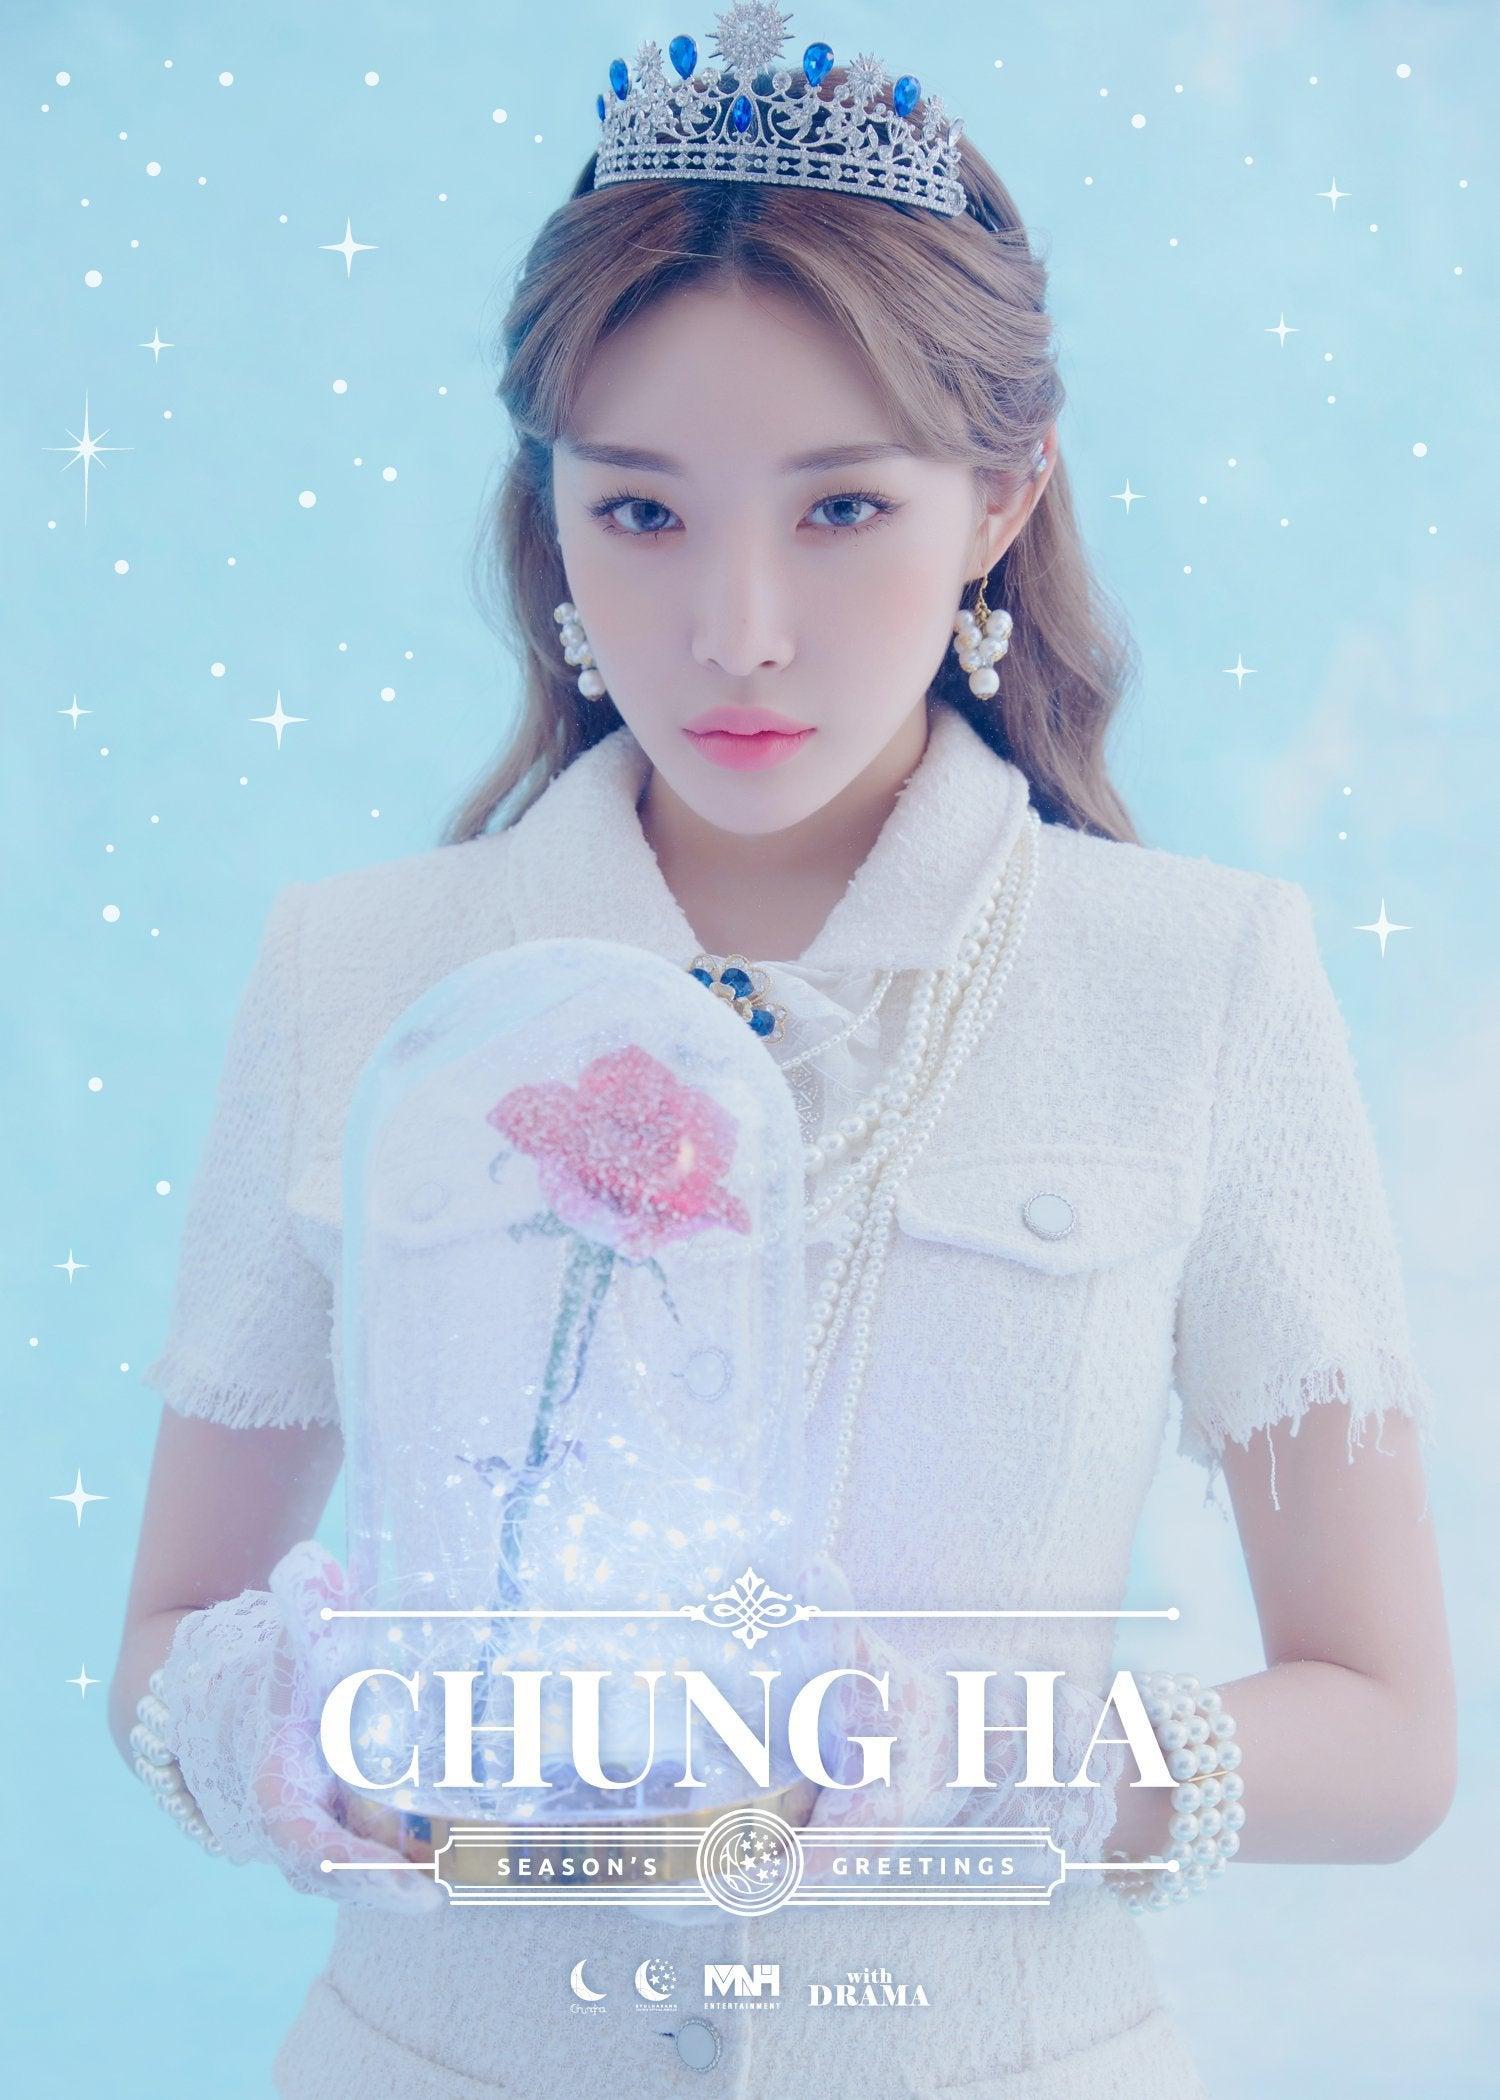 chungha5